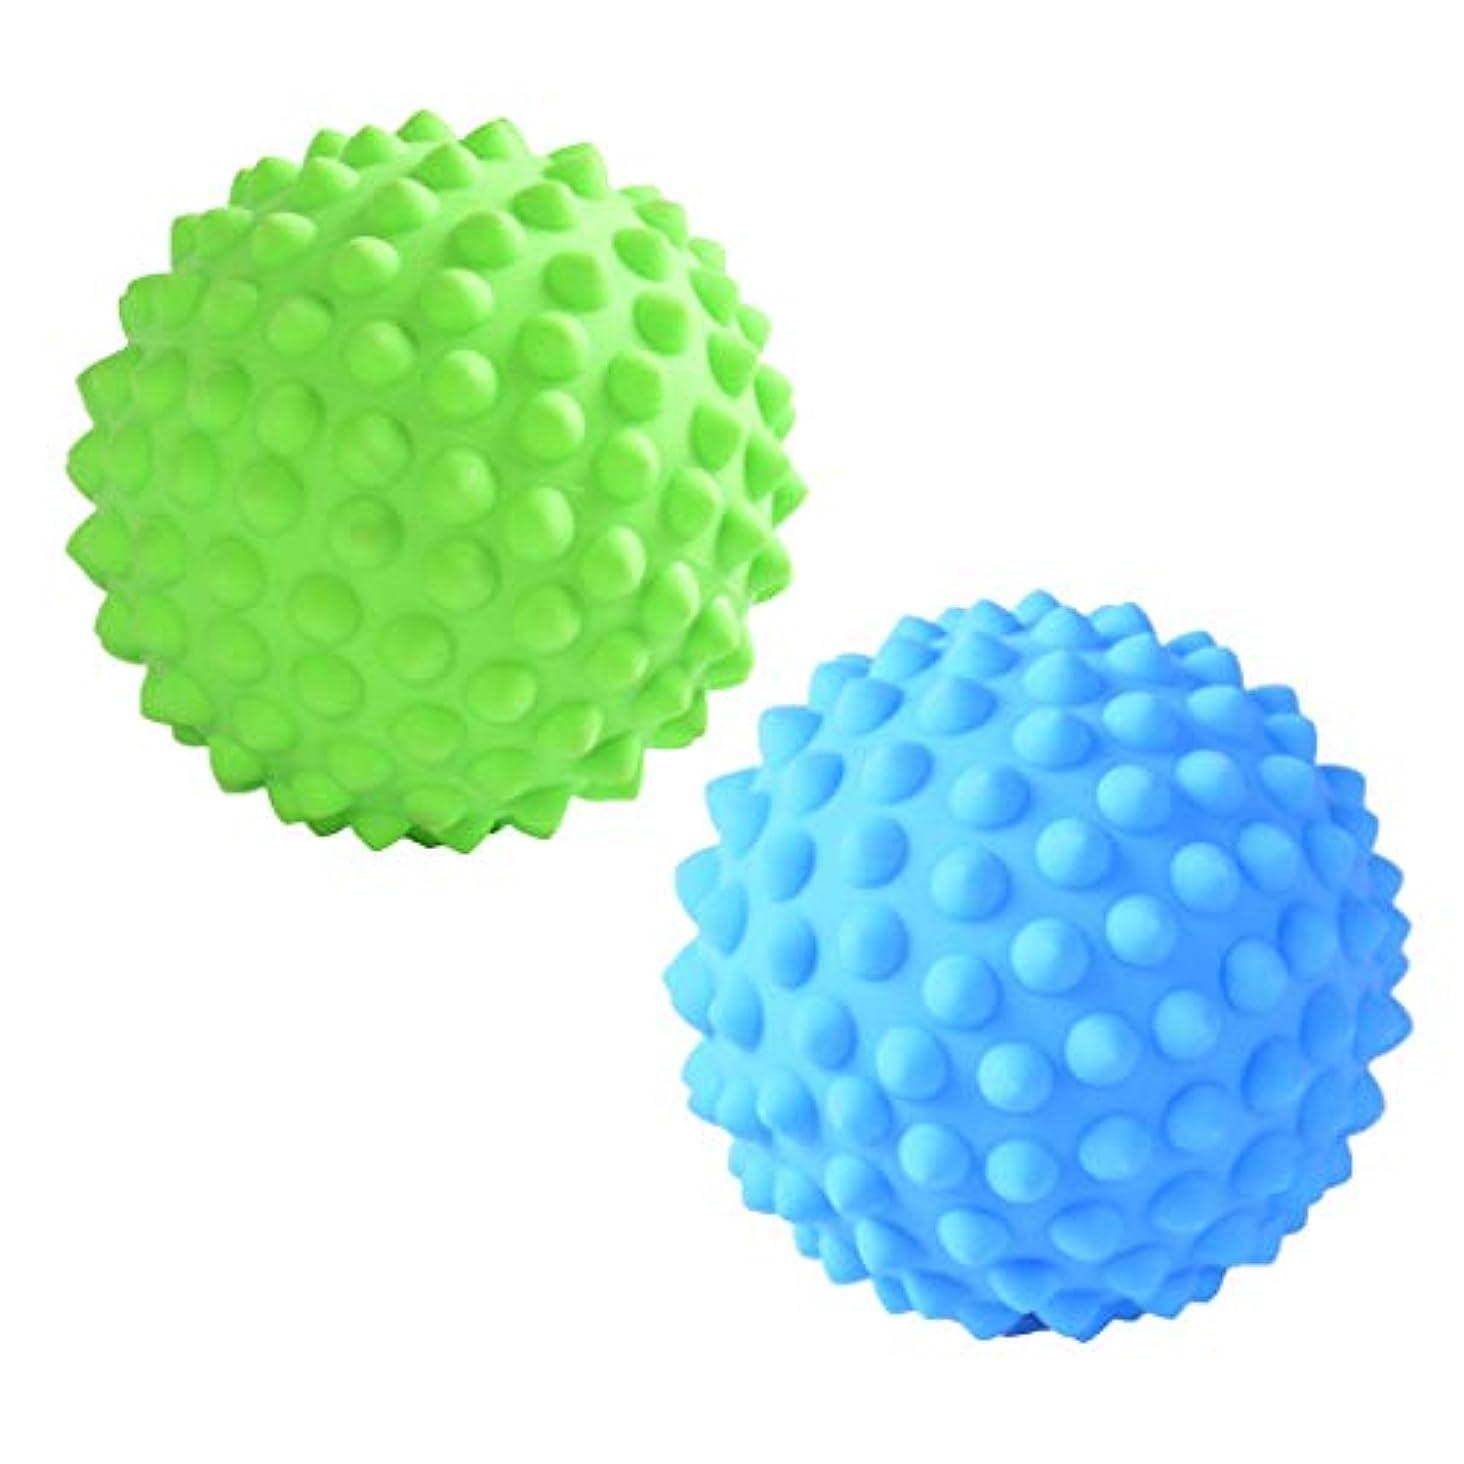 失礼な二台風Prettyia マッサージローラーボール 指圧ボール PVC トリガーポイント 疲れ解消ボール ヨガ 疲労軽減 2個